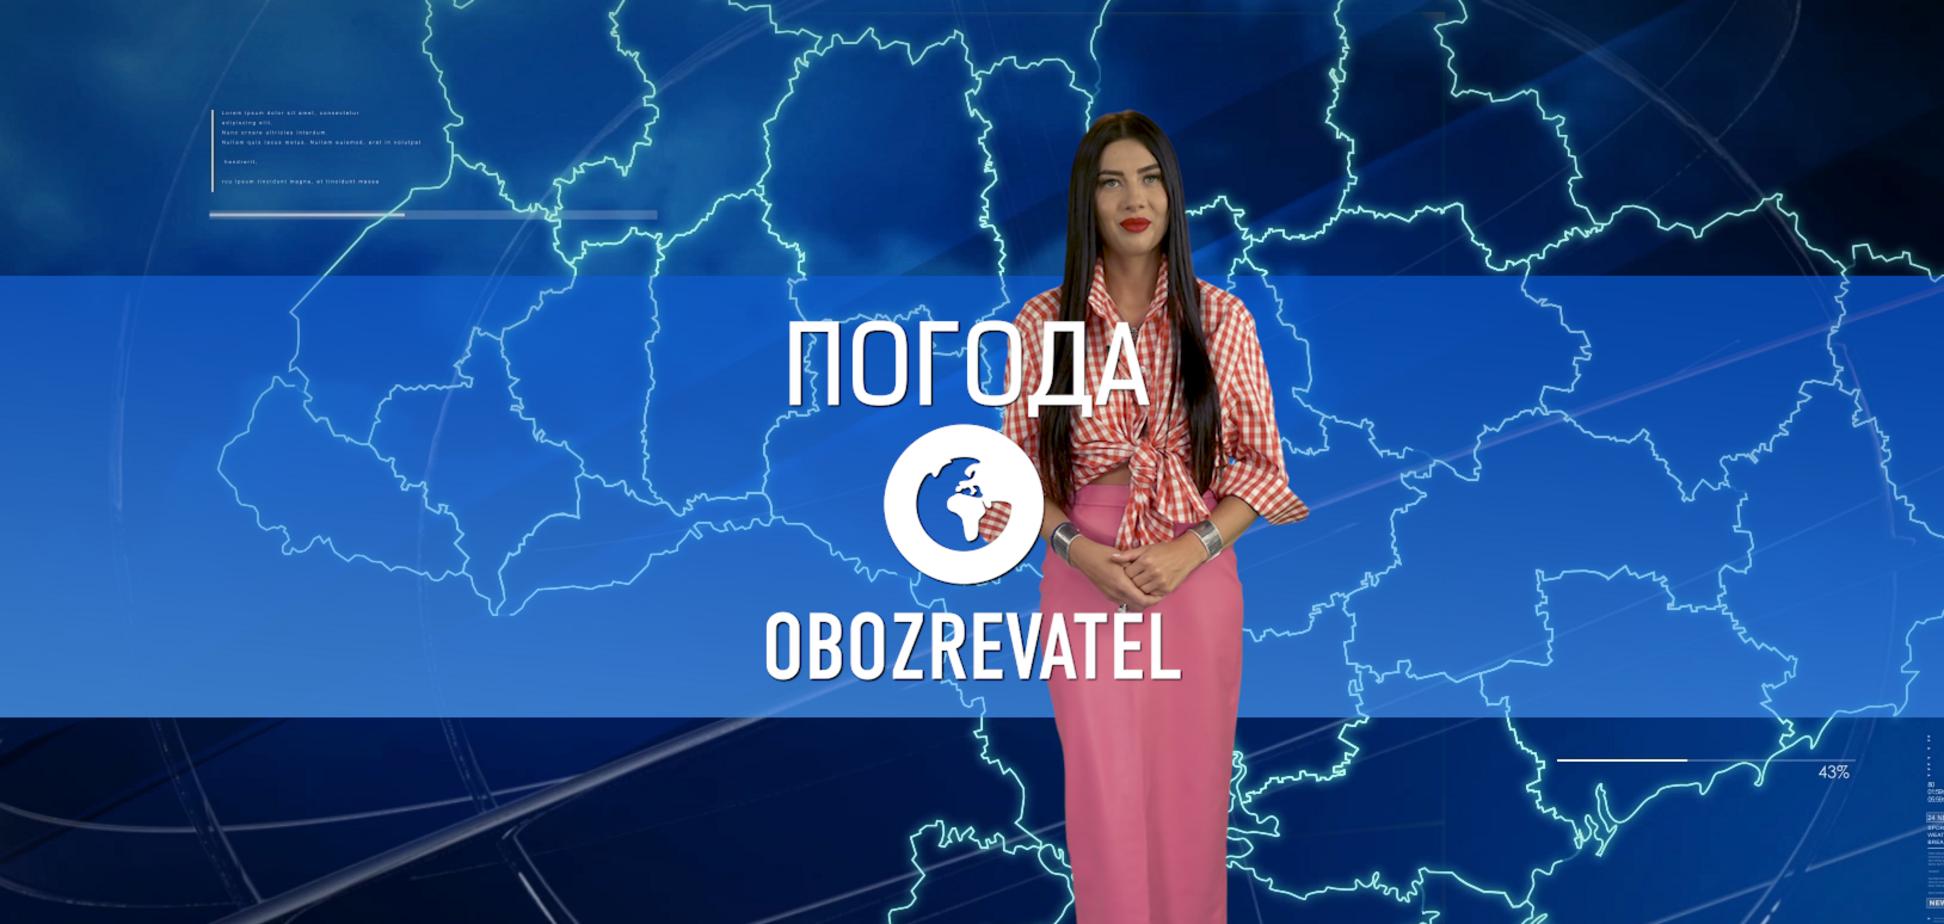 Прогноз погоды в Украине на вторник, 26 октября, с Алисой Мярковской